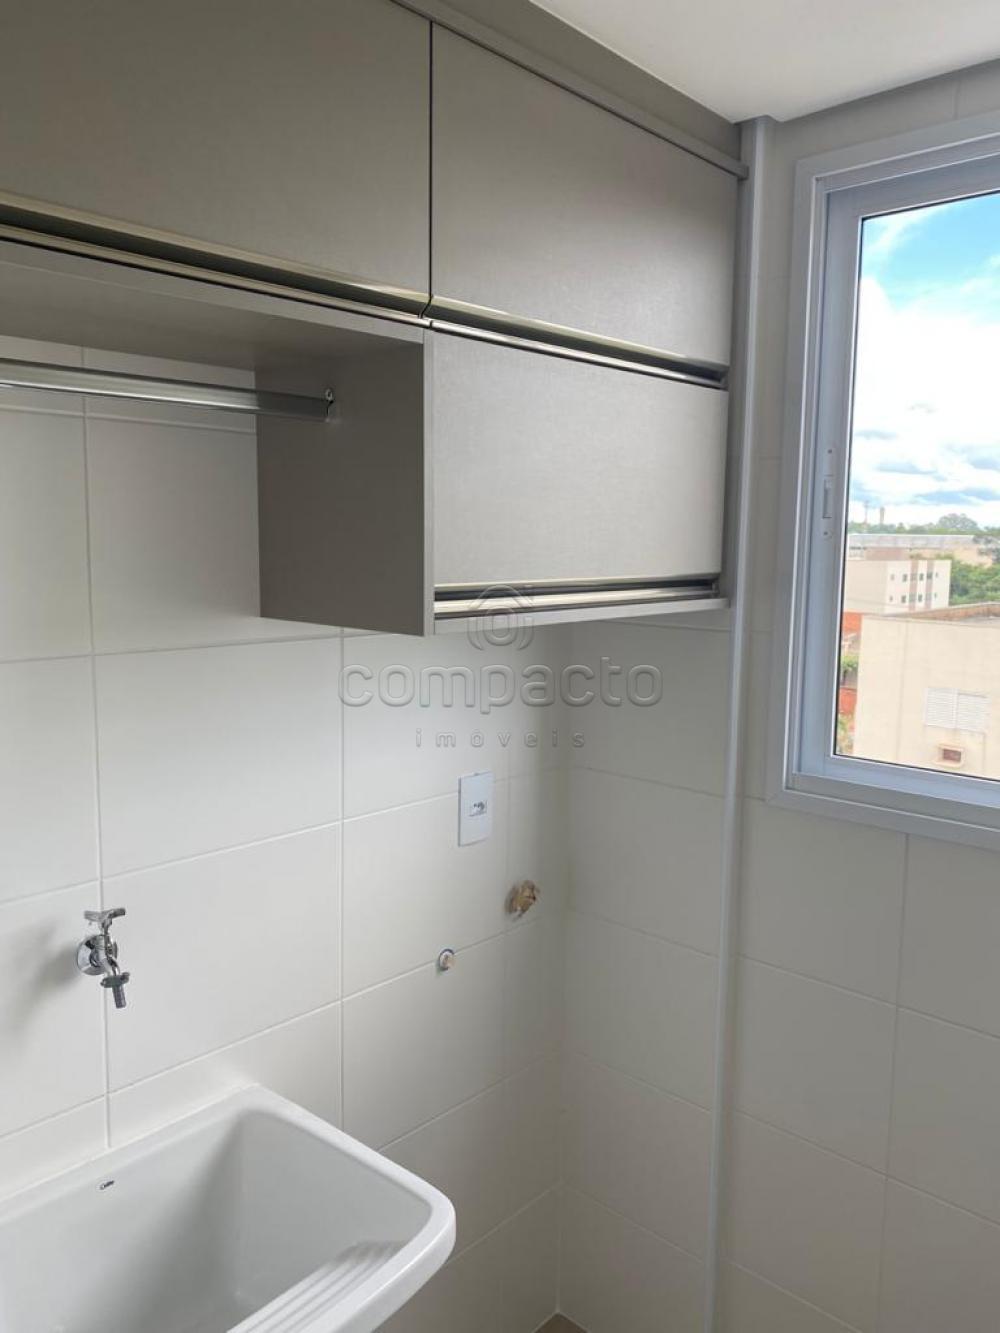 Alugar Apartamento / Padrão em São José do Rio Preto apenas R$ 1.250,00 - Foto 8